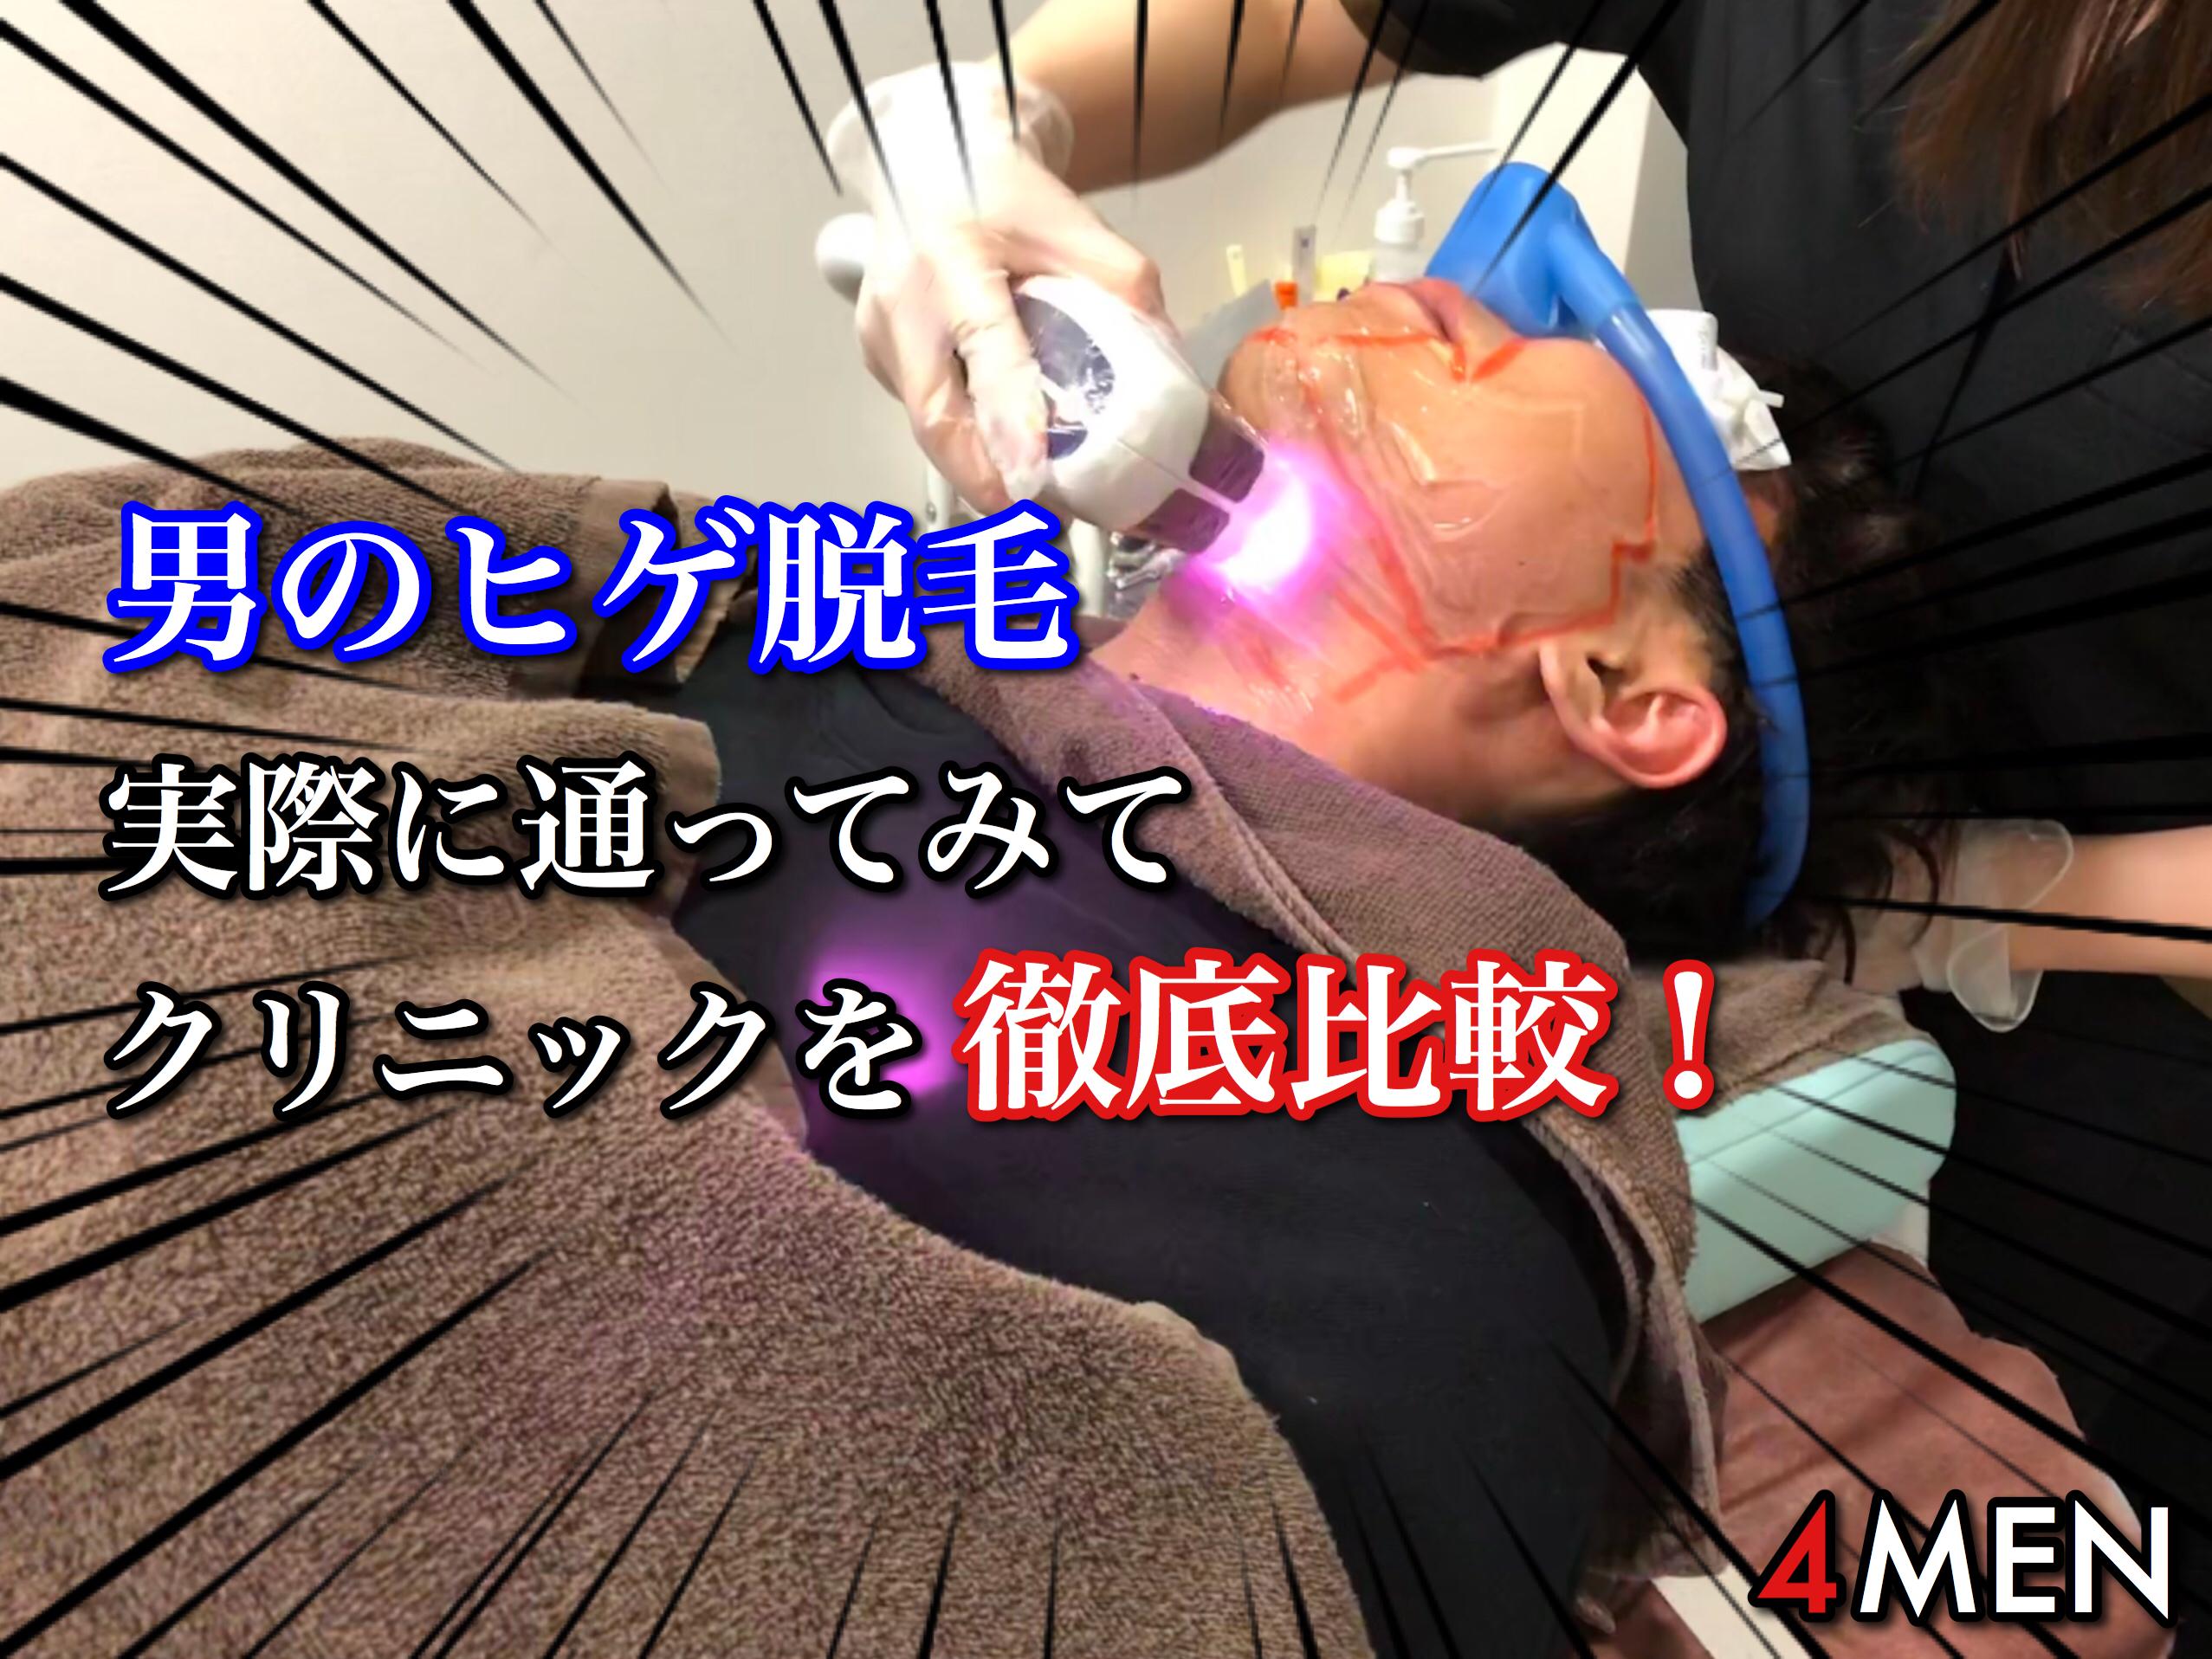 福岡 メンズ レーザー脱毛 口コミ